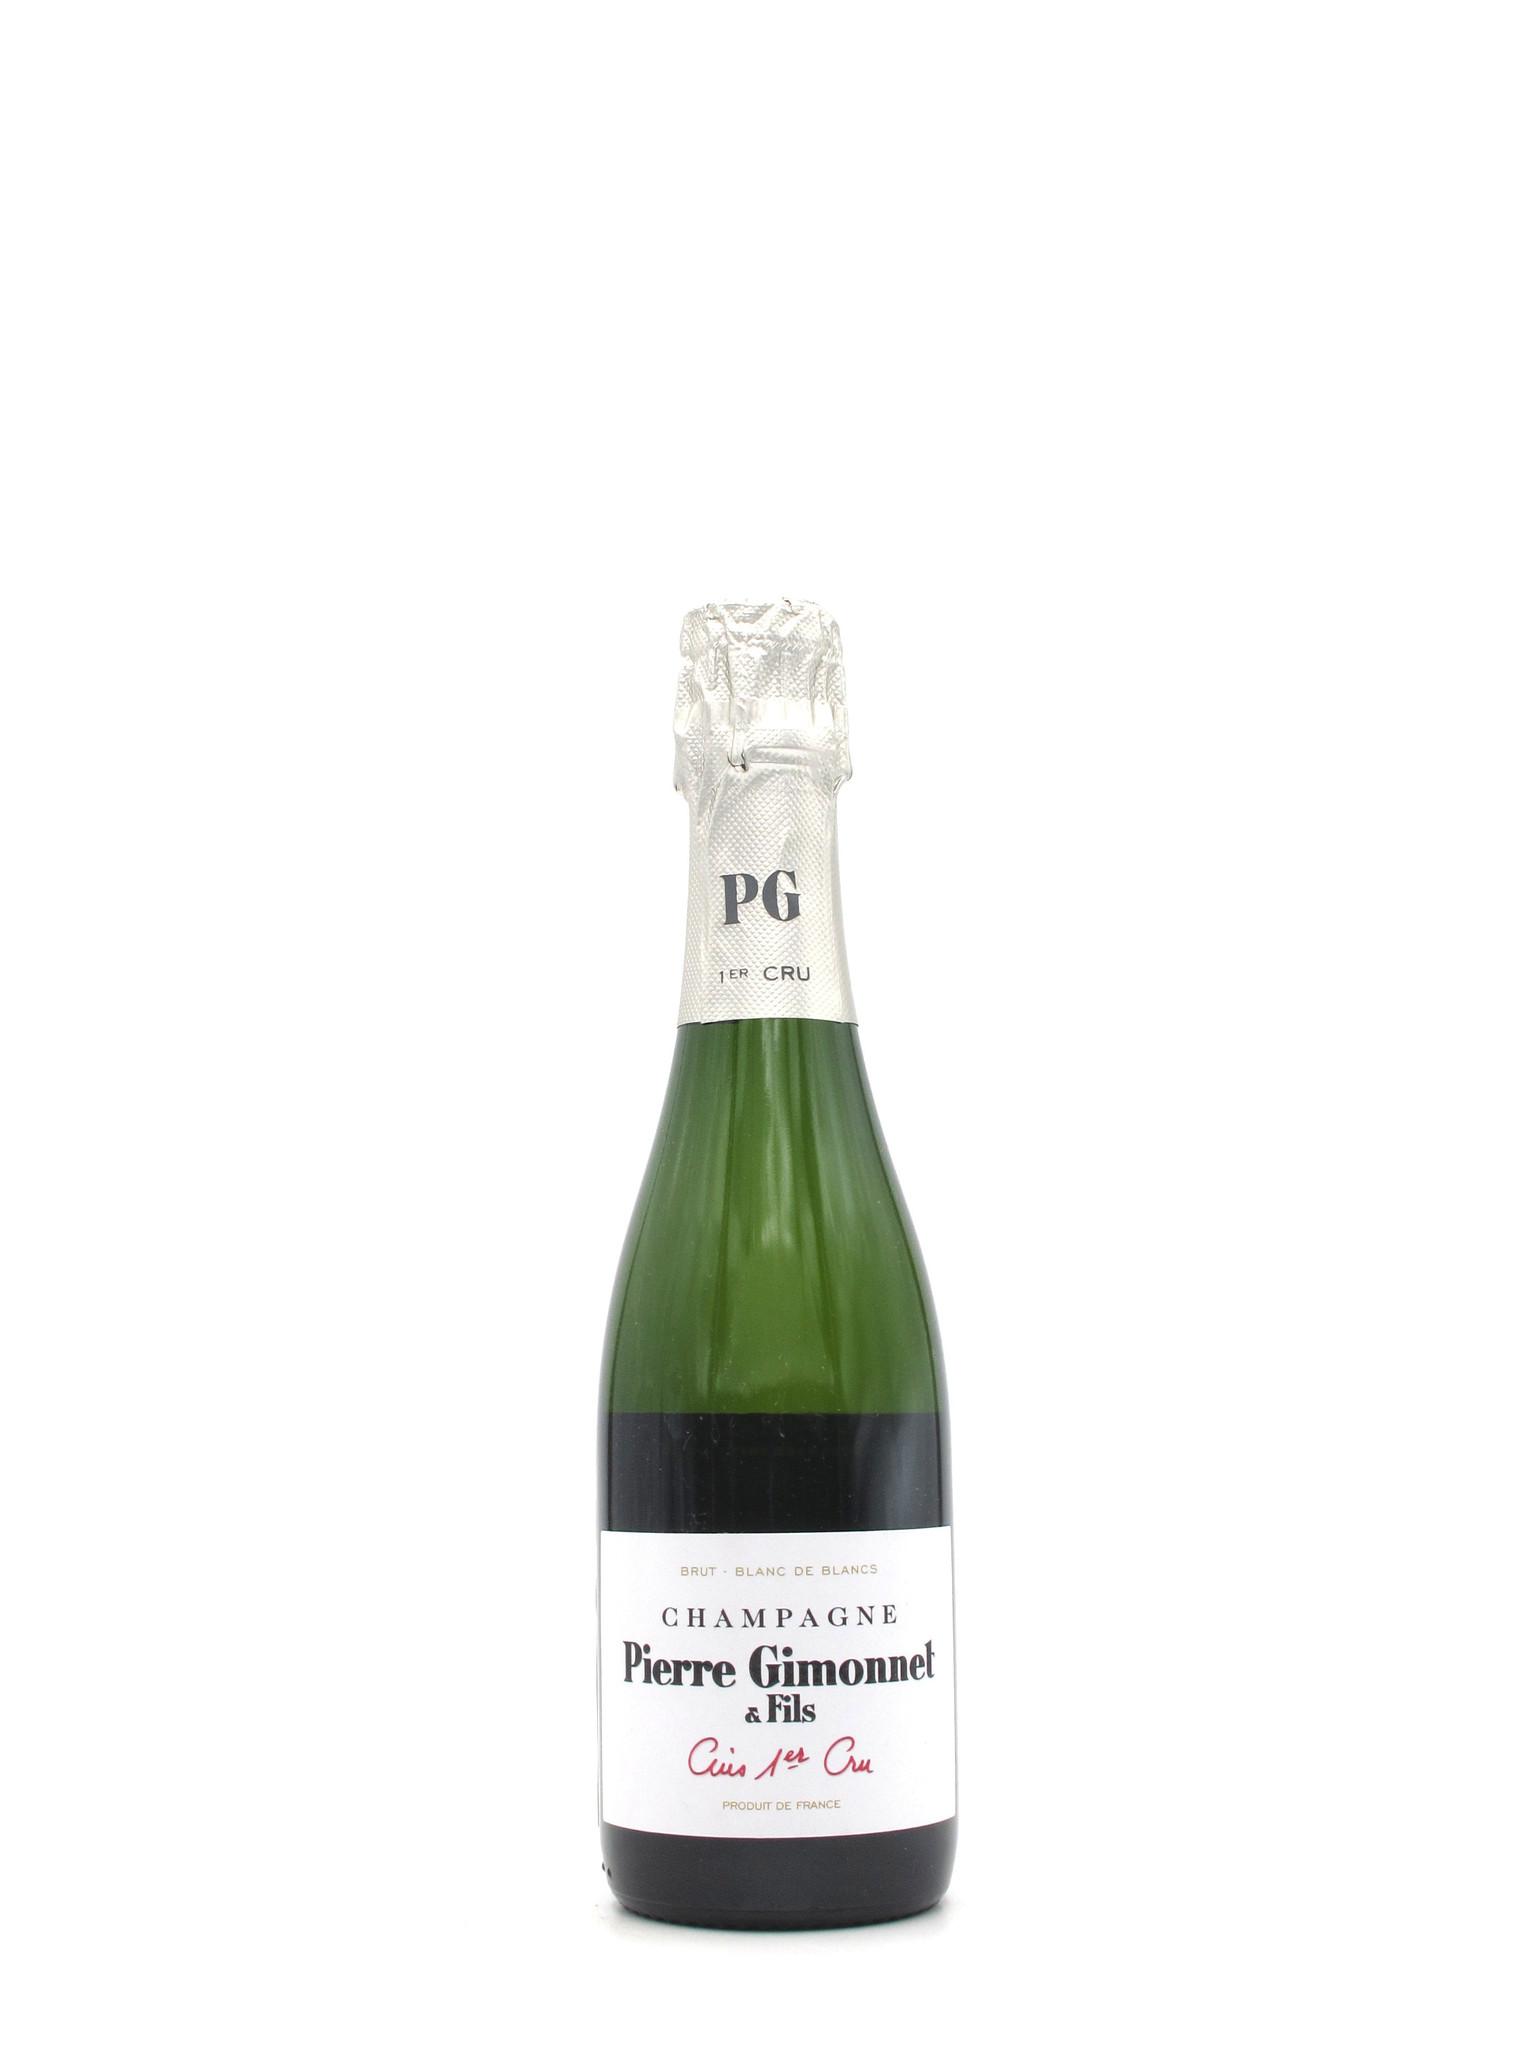 Pierre Gimonnet NV Pierre Gimonnet & Fils 1er Cru Blanc de Blancs Champagne 375ml